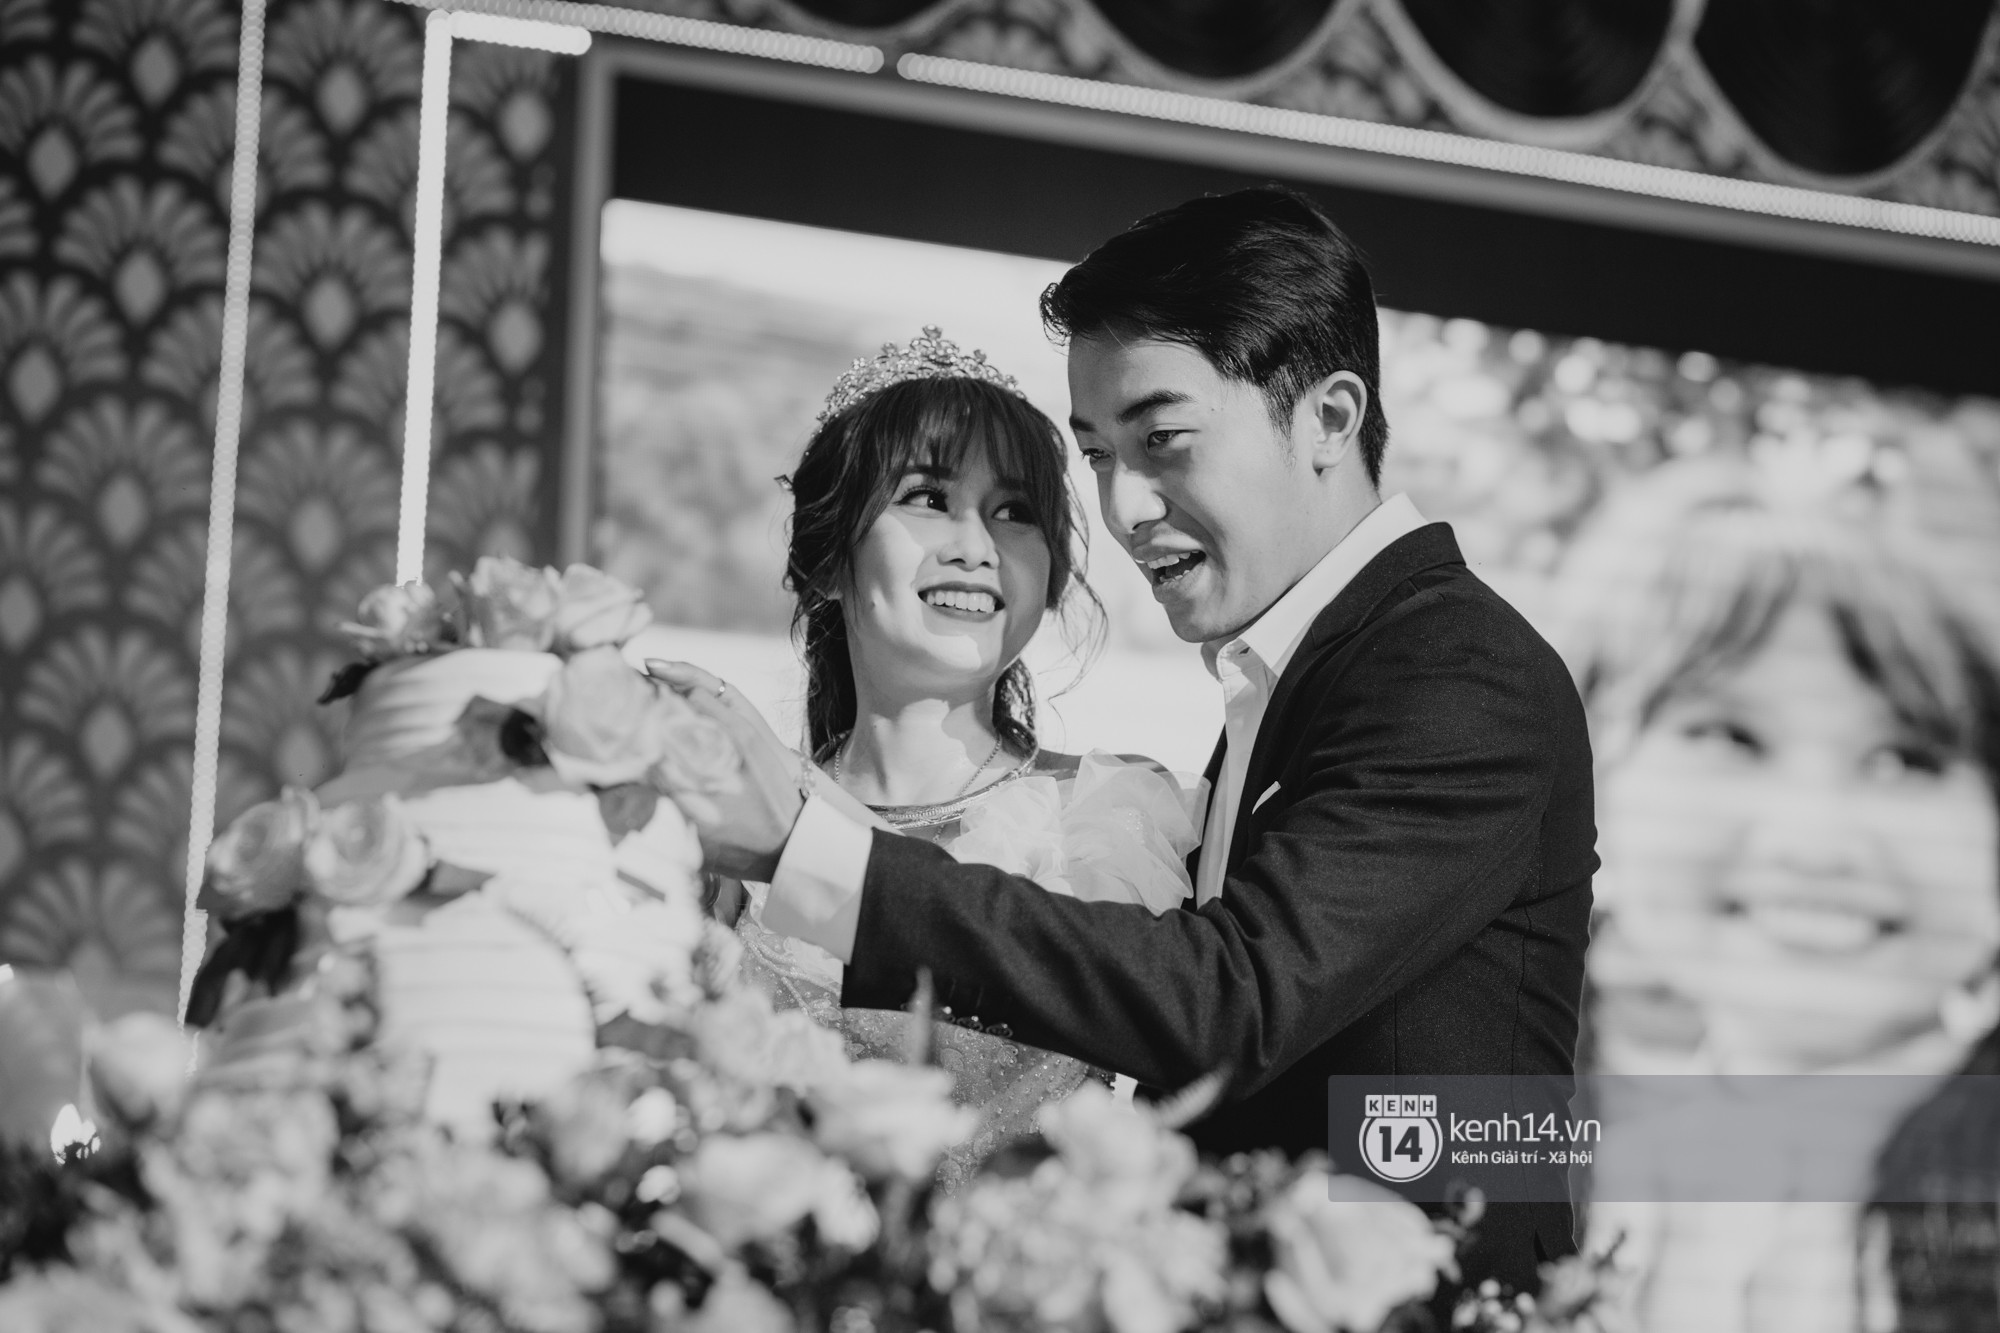 Xem hết một lượt những khoảnh khắc đẹp lịm tim của Cris Phan và Mai Quỳnh Anh: Cái kết đẹp của mối tình Chị ơi, anh yêu em! - Ảnh 11.